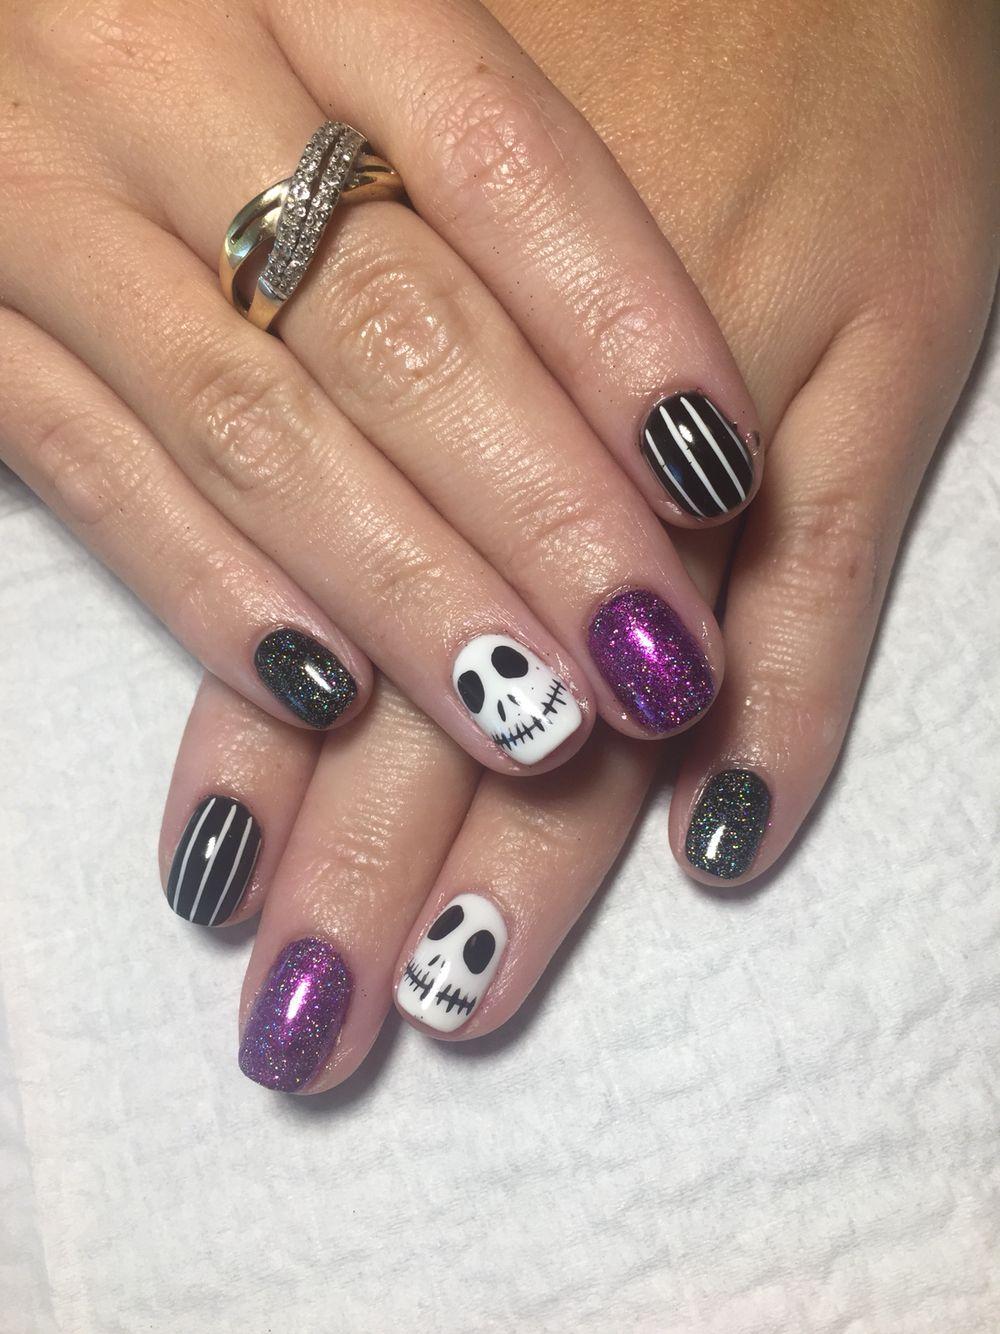 My Jack Skellington Halloween Nails 2016 | Trendy nail art ...